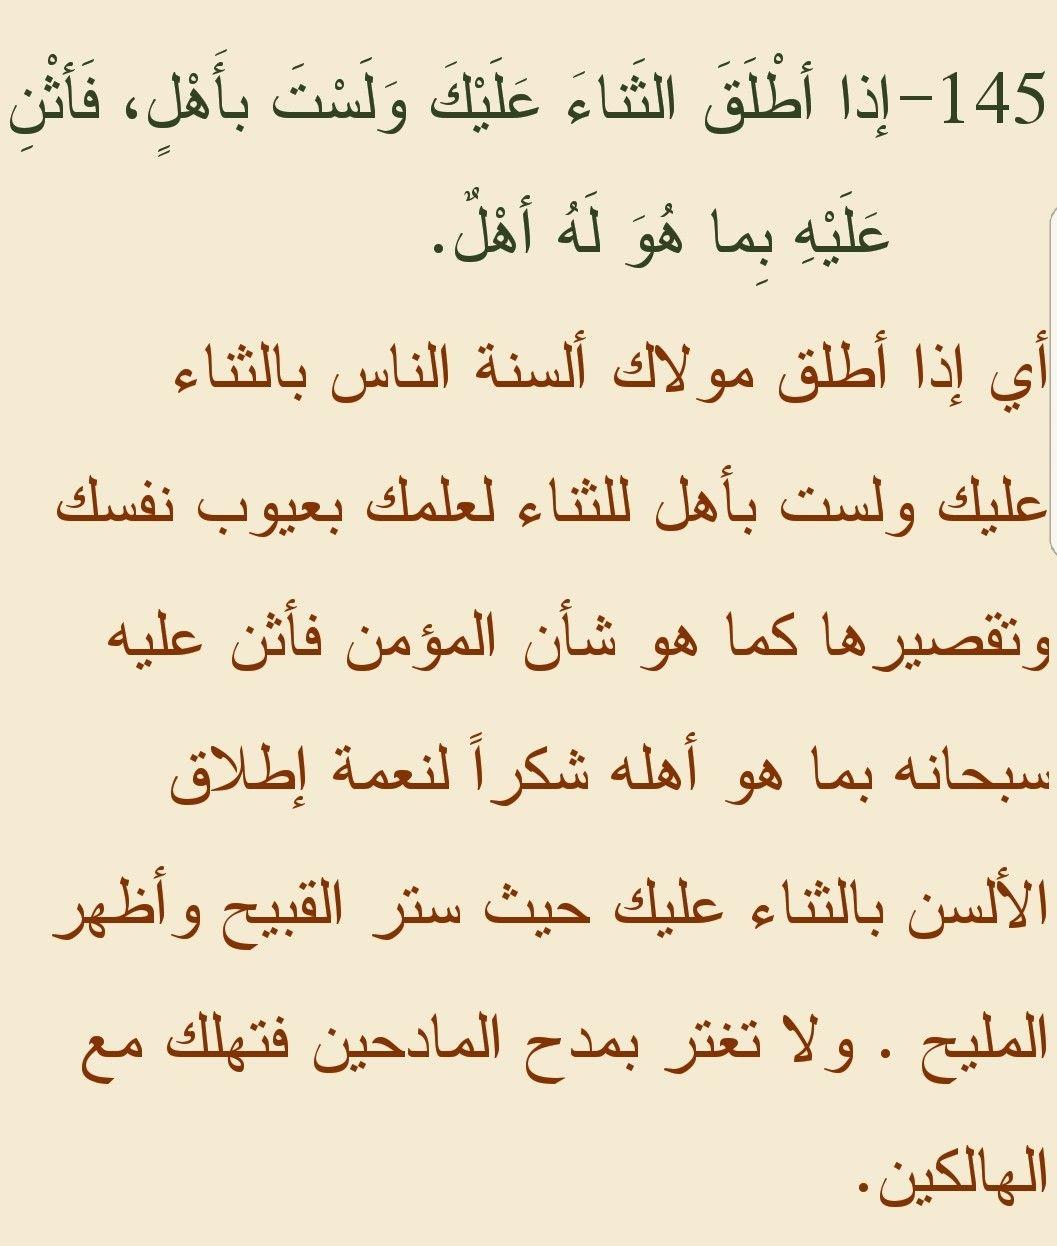 لا إله إلا الله الملك الحق المبين Deep Thoughts Quotes Thoughts